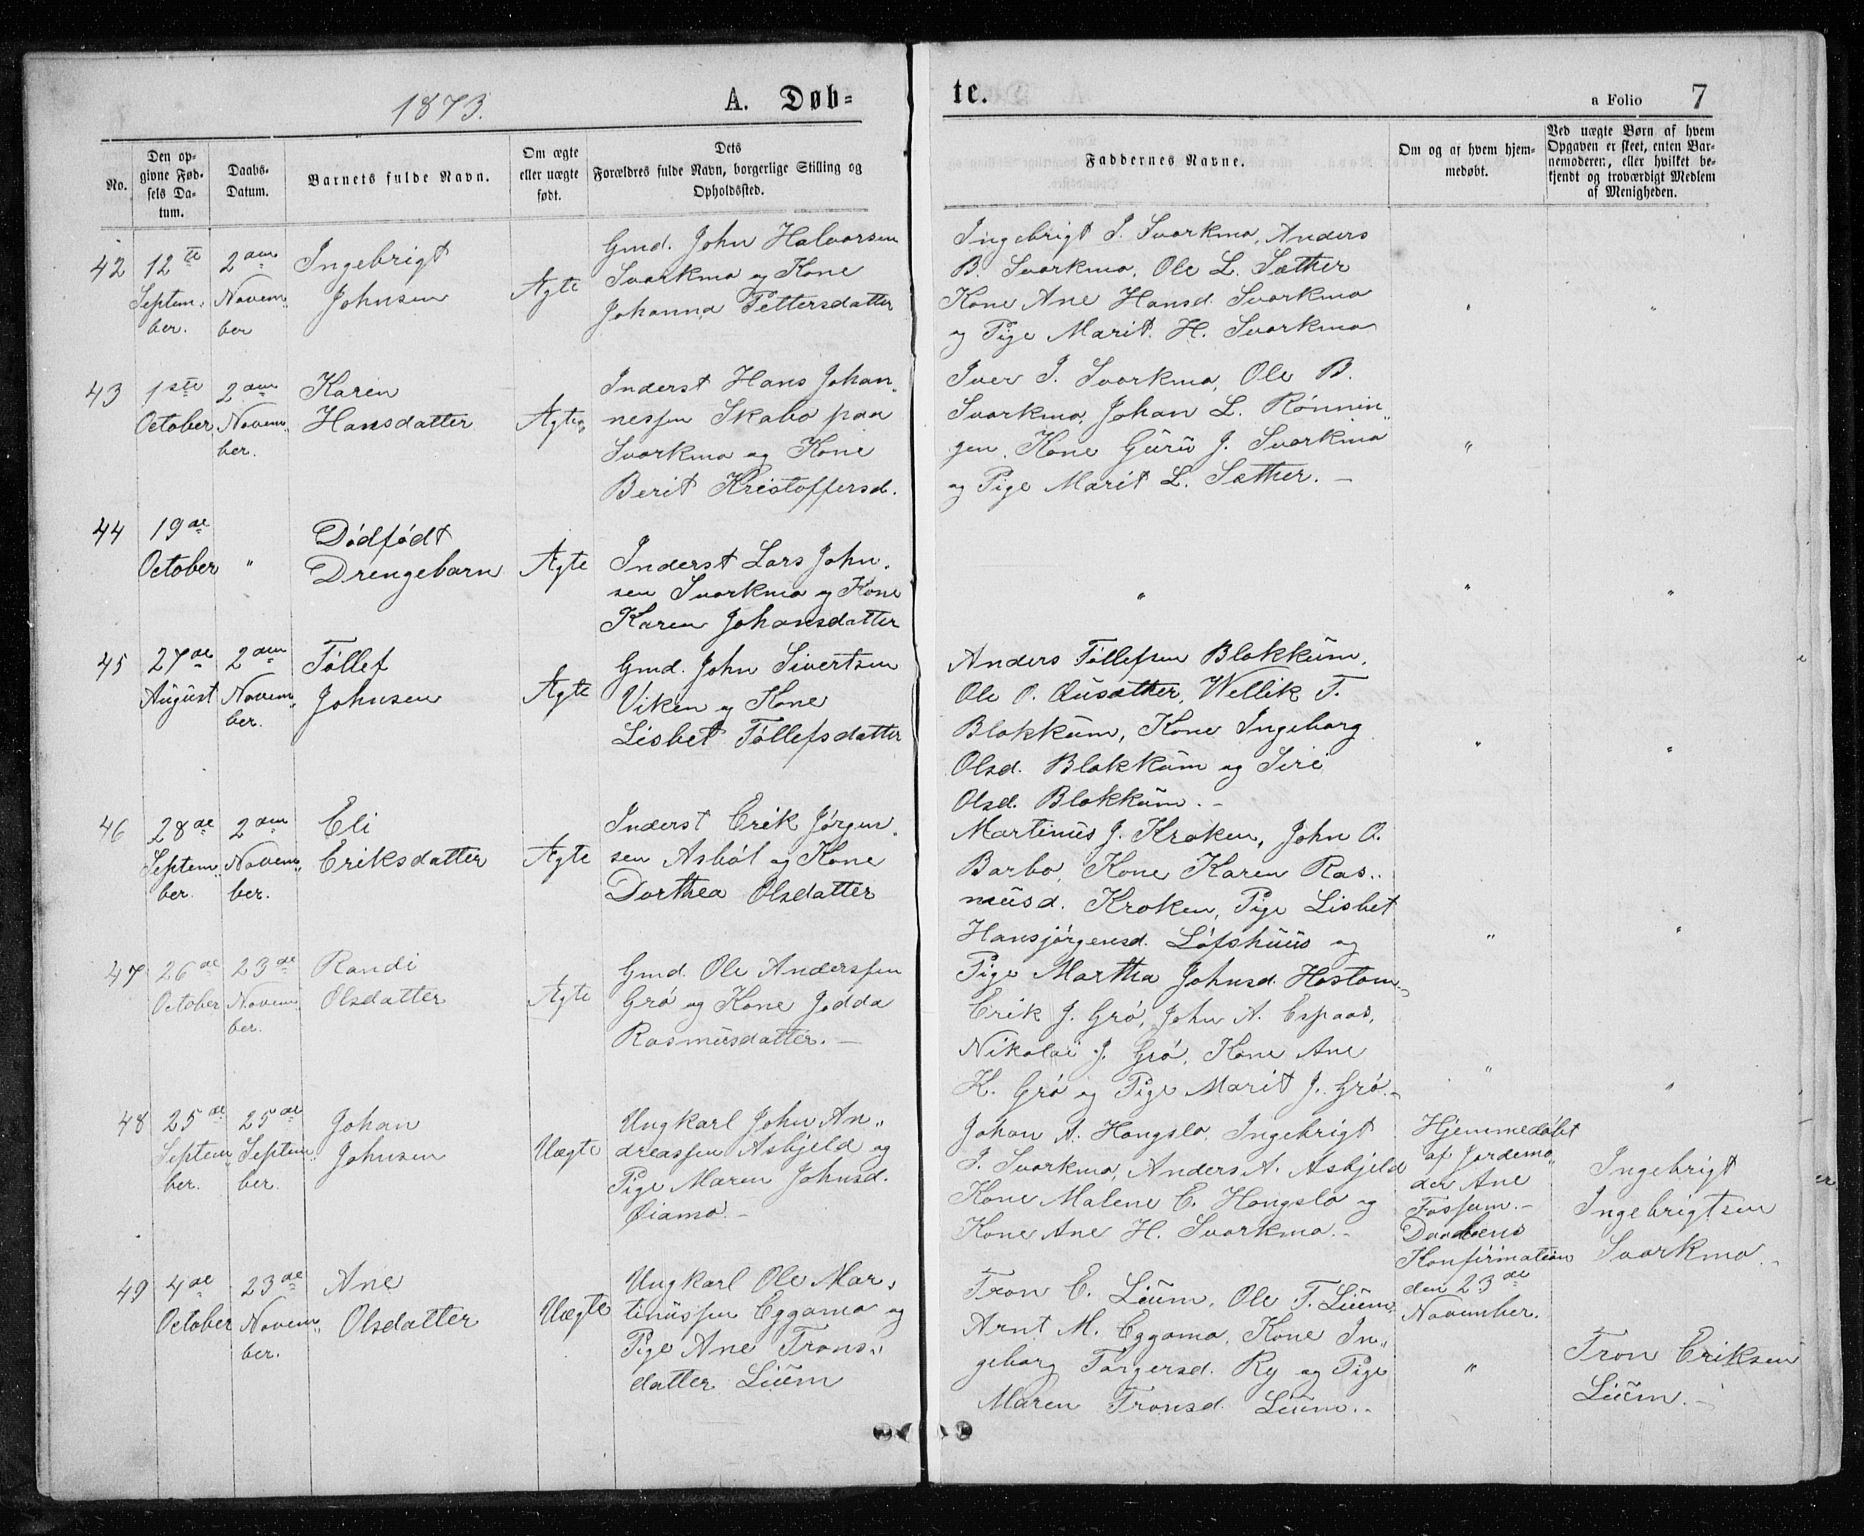 SAT, Ministerialprotokoller, klokkerbøker og fødselsregistre - Sør-Trøndelag, 671/L0843: Klokkerbok nr. 671C02, 1873-1892, s. 7